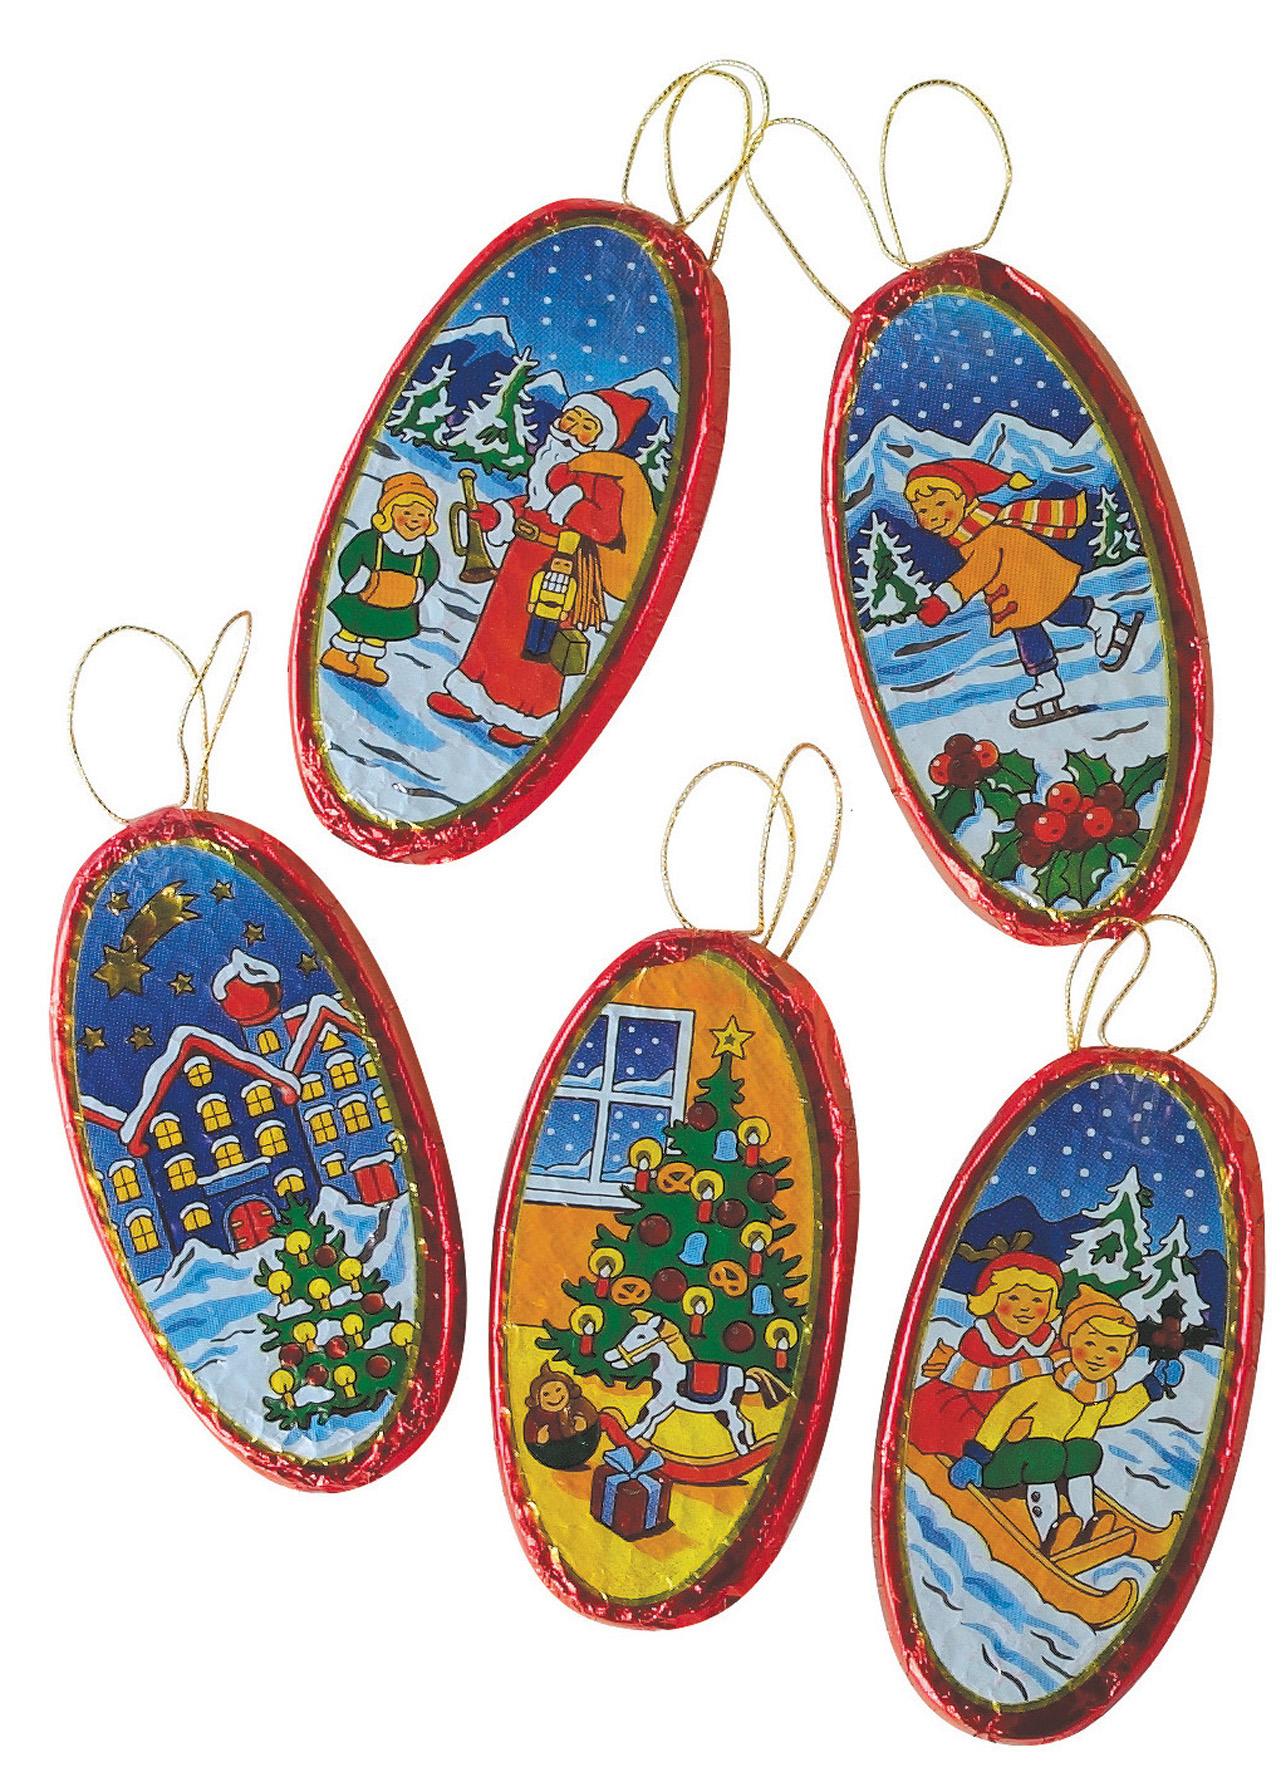 Weihnachts-Bilderrahmen | SICCA-NAHRUNGSMITTEL